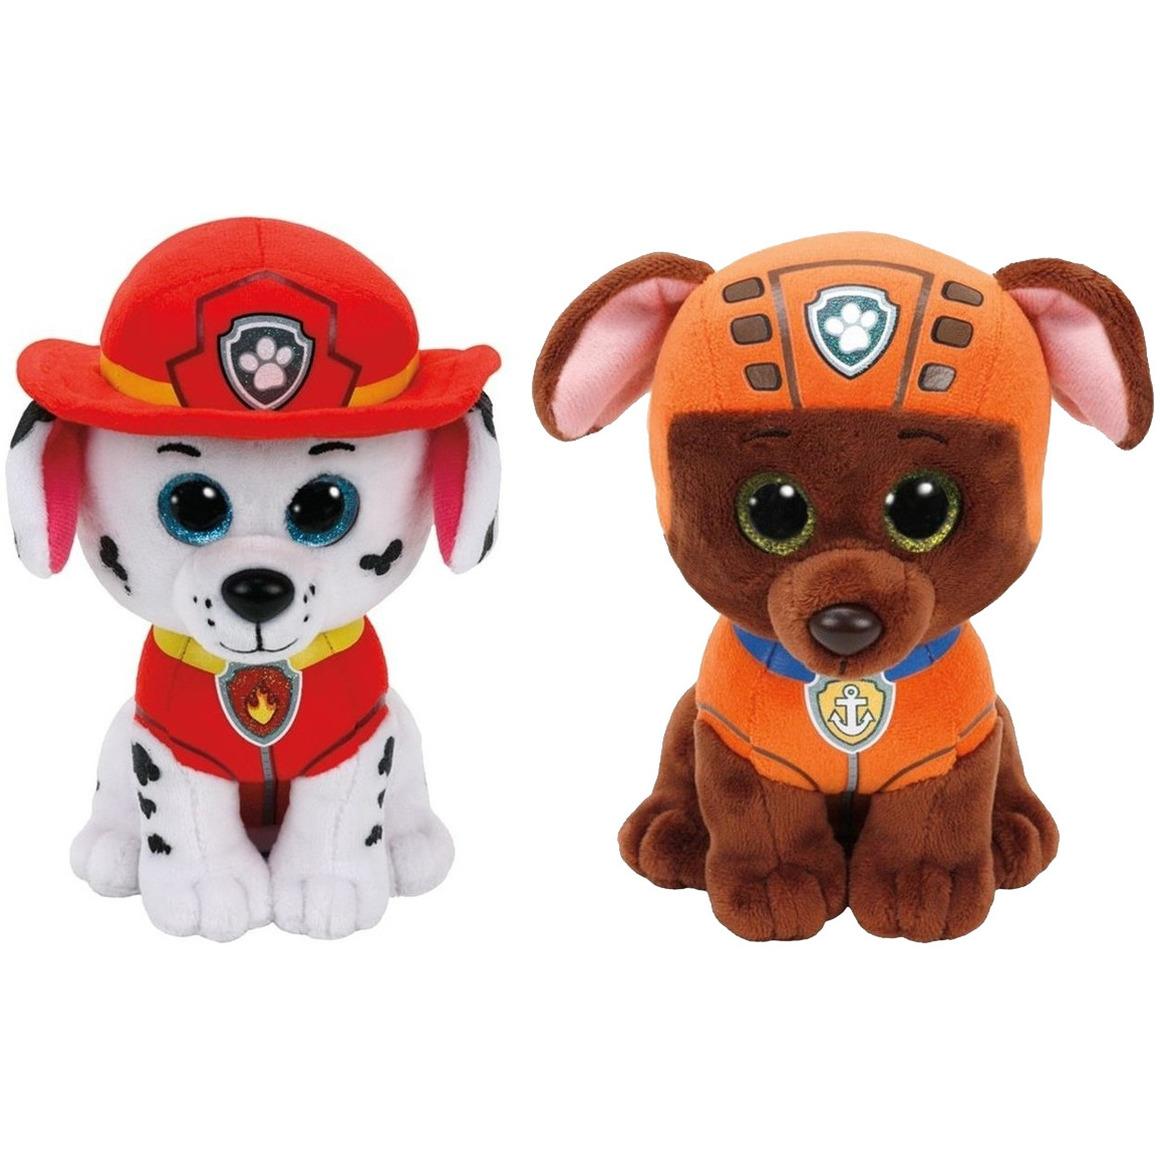 Paw Patrol knuffels set van 2x karakters Marshall en Zuma 15 cm